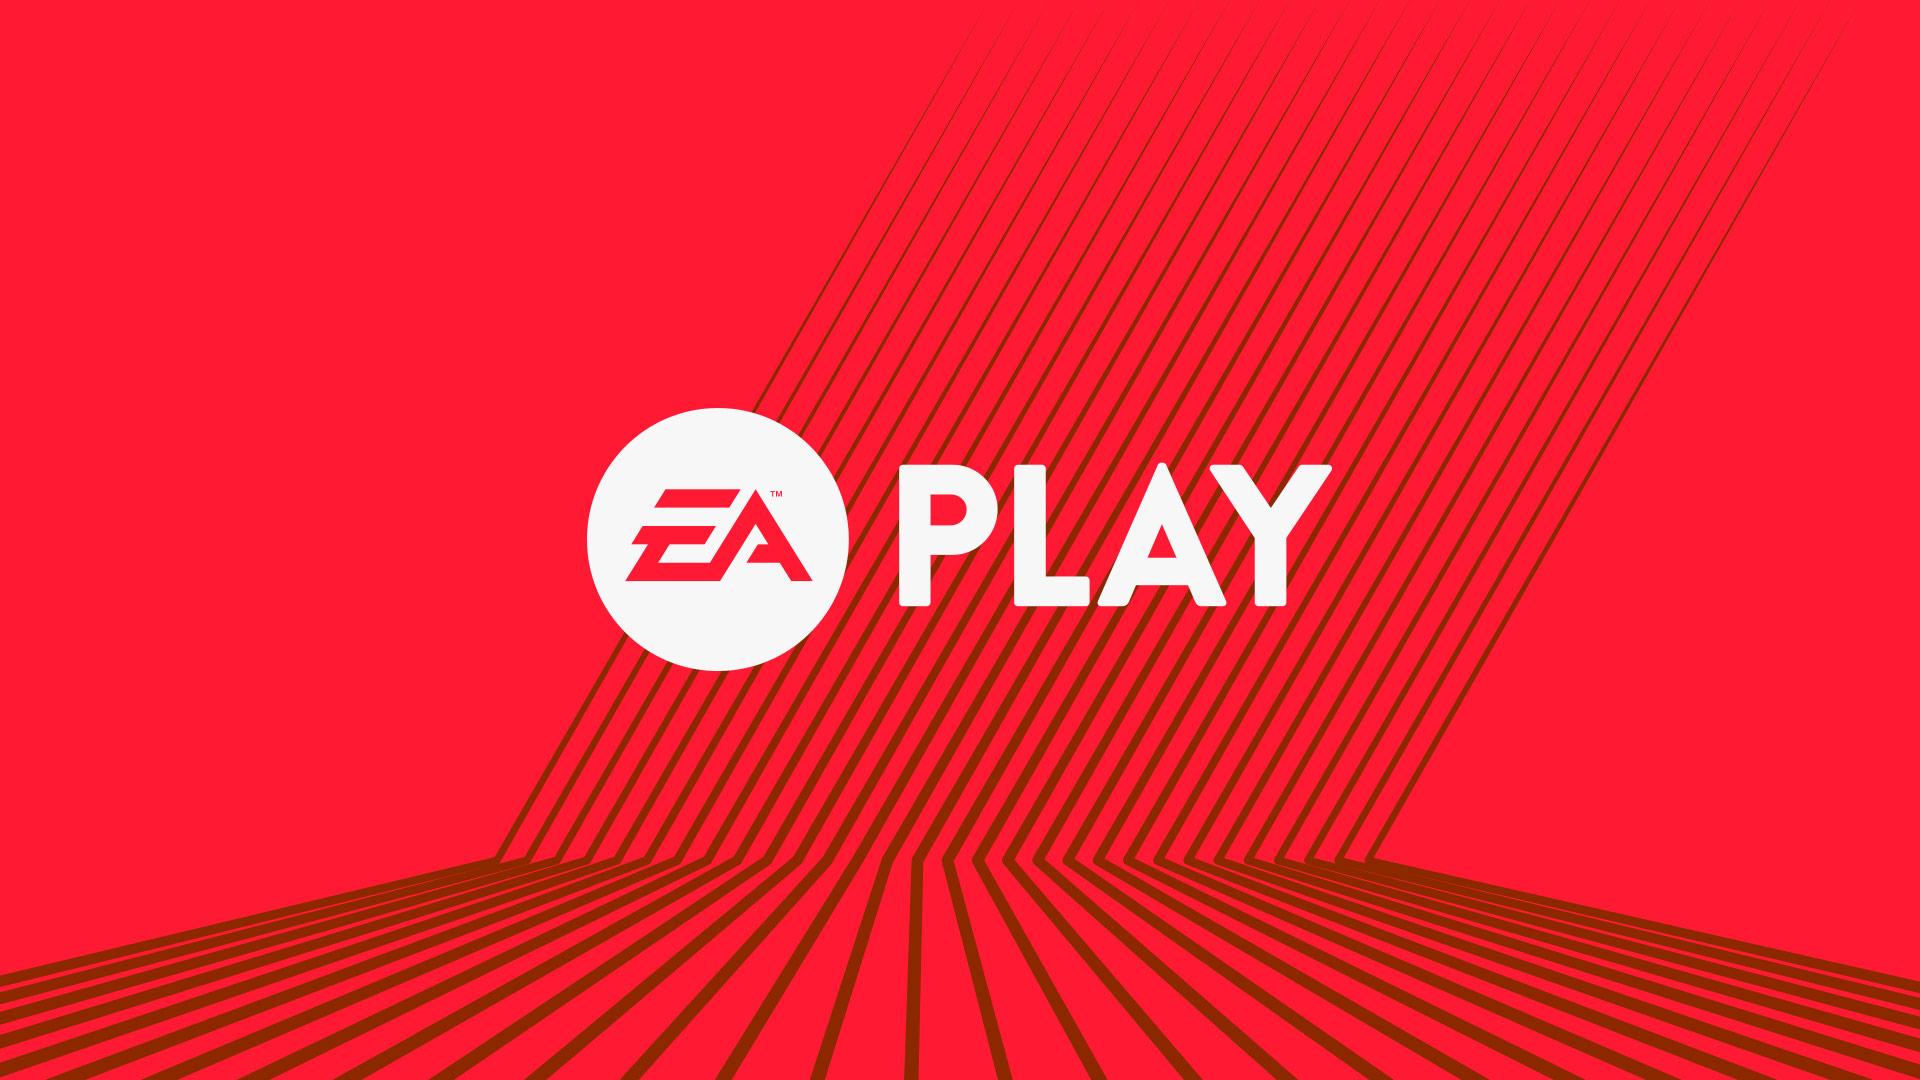 ea_play_e3_2017